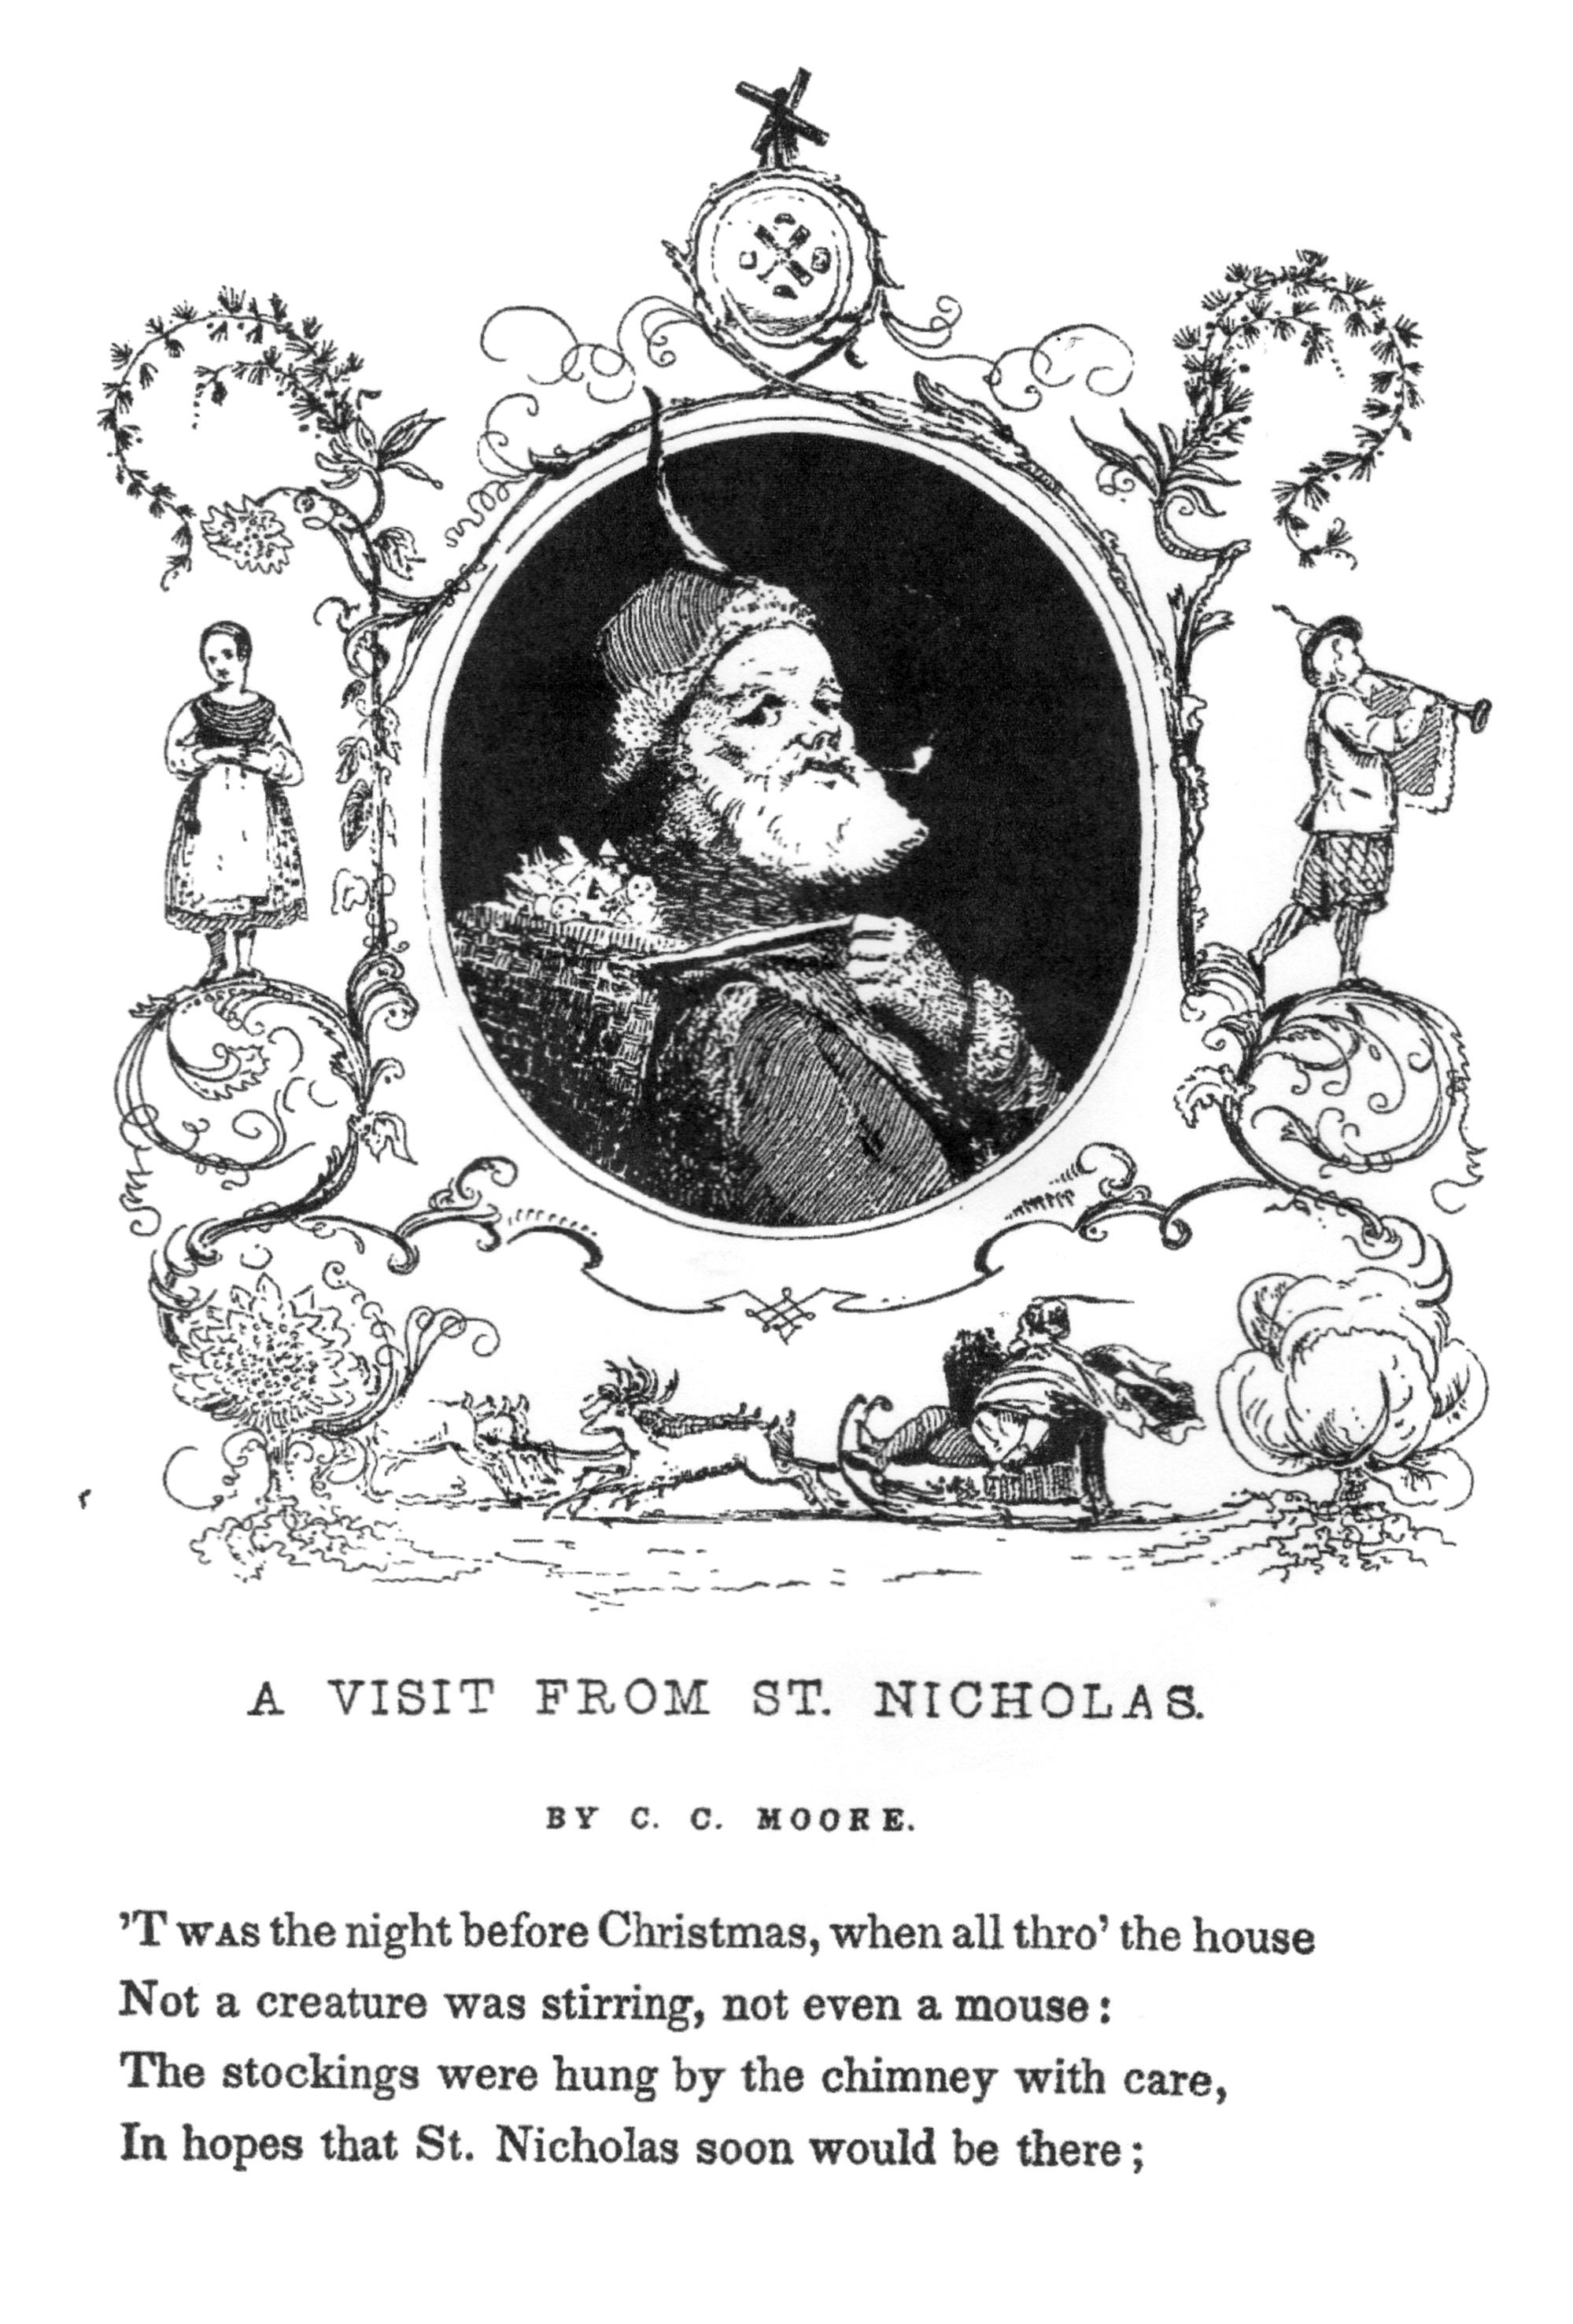 Voici la toute première représentation de Santa Claus (Père Noël) en 1840. Cette image peut être coloriée pour Noël, ou à toute autre période de l'année !